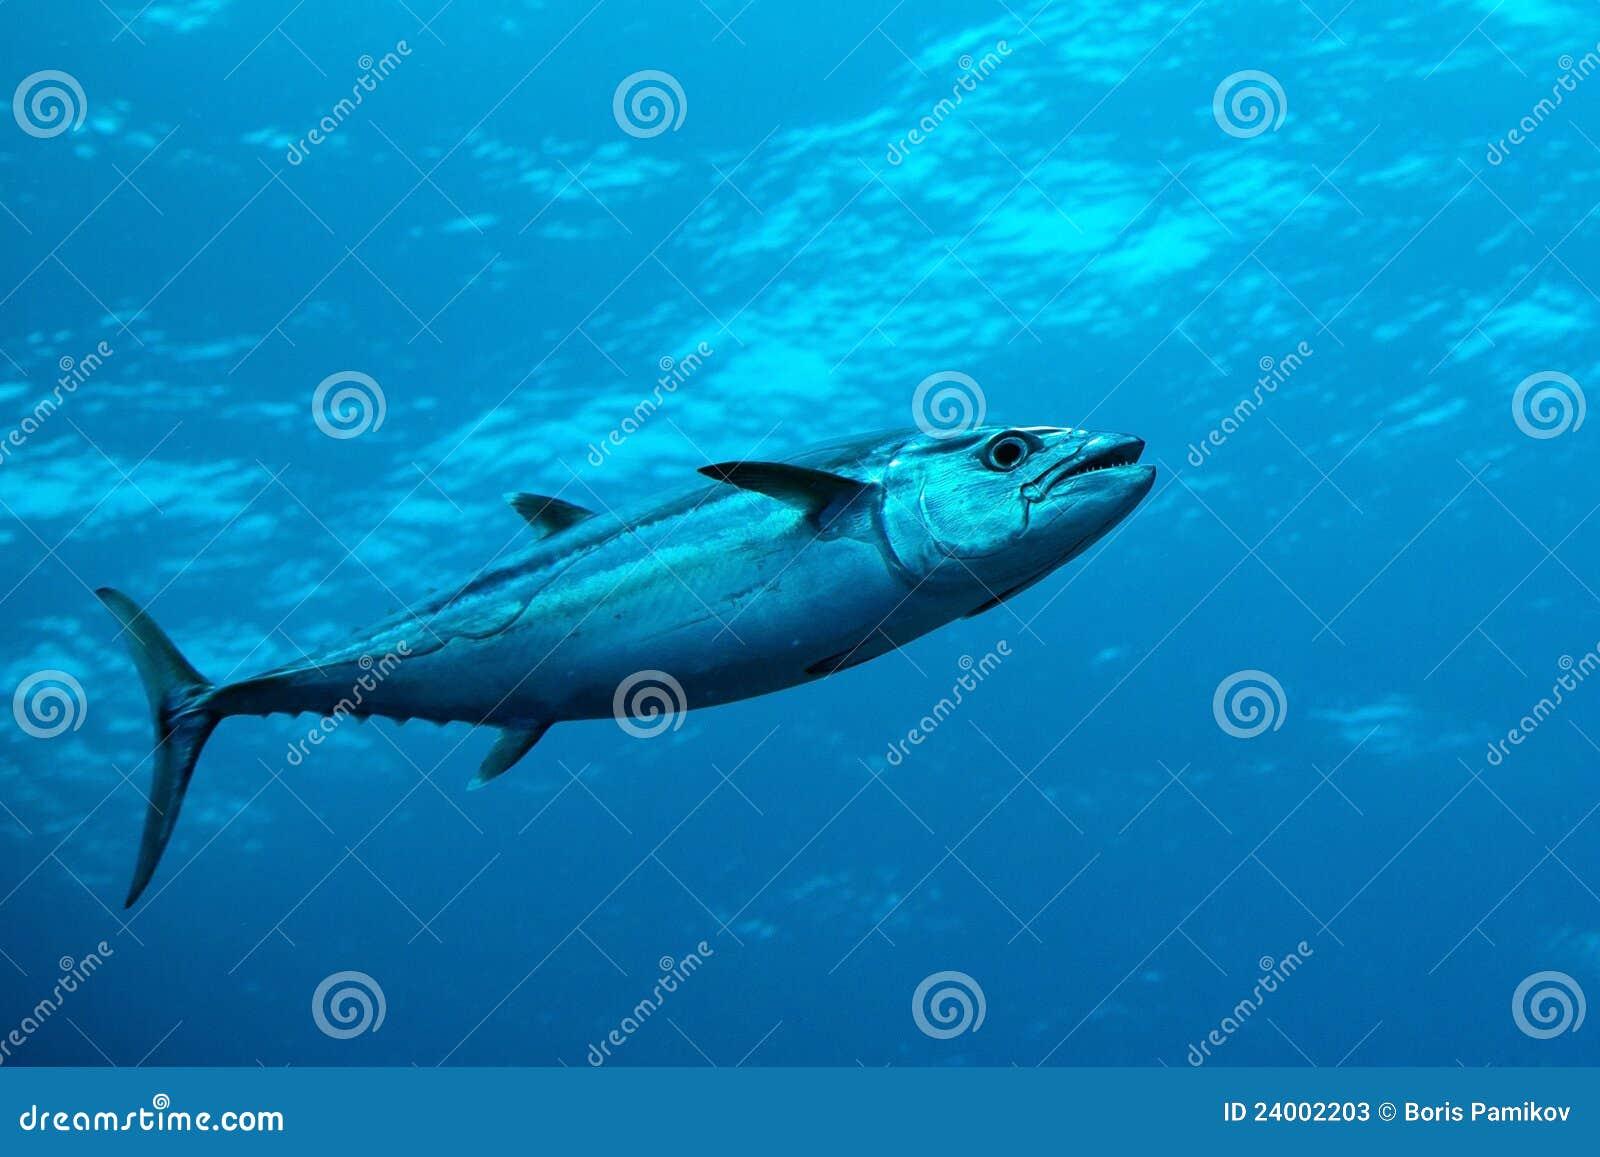 indian tuna fish